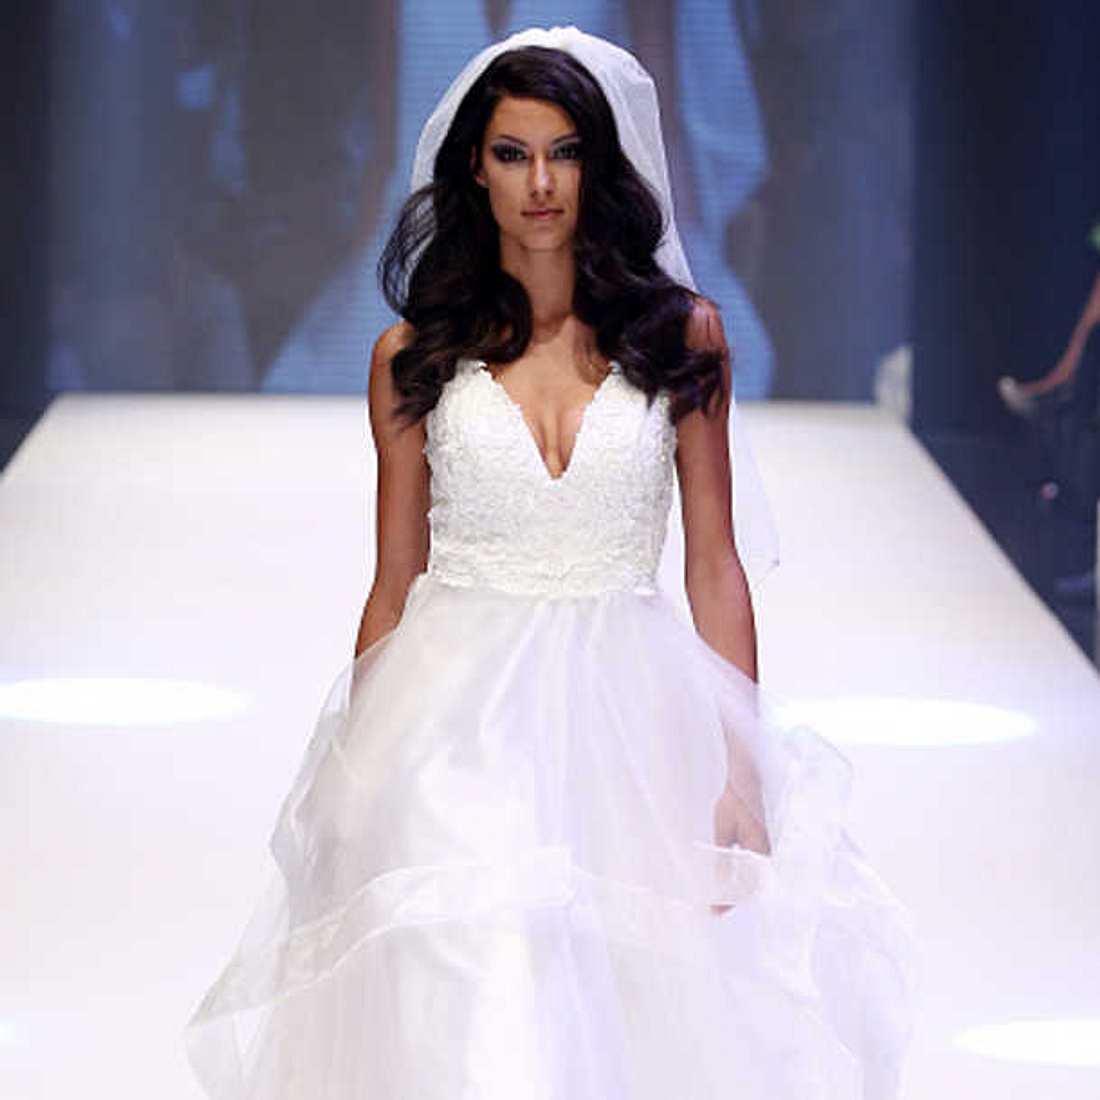 Rebecca Mir hat ihr Hochzeitskleid ruiniert